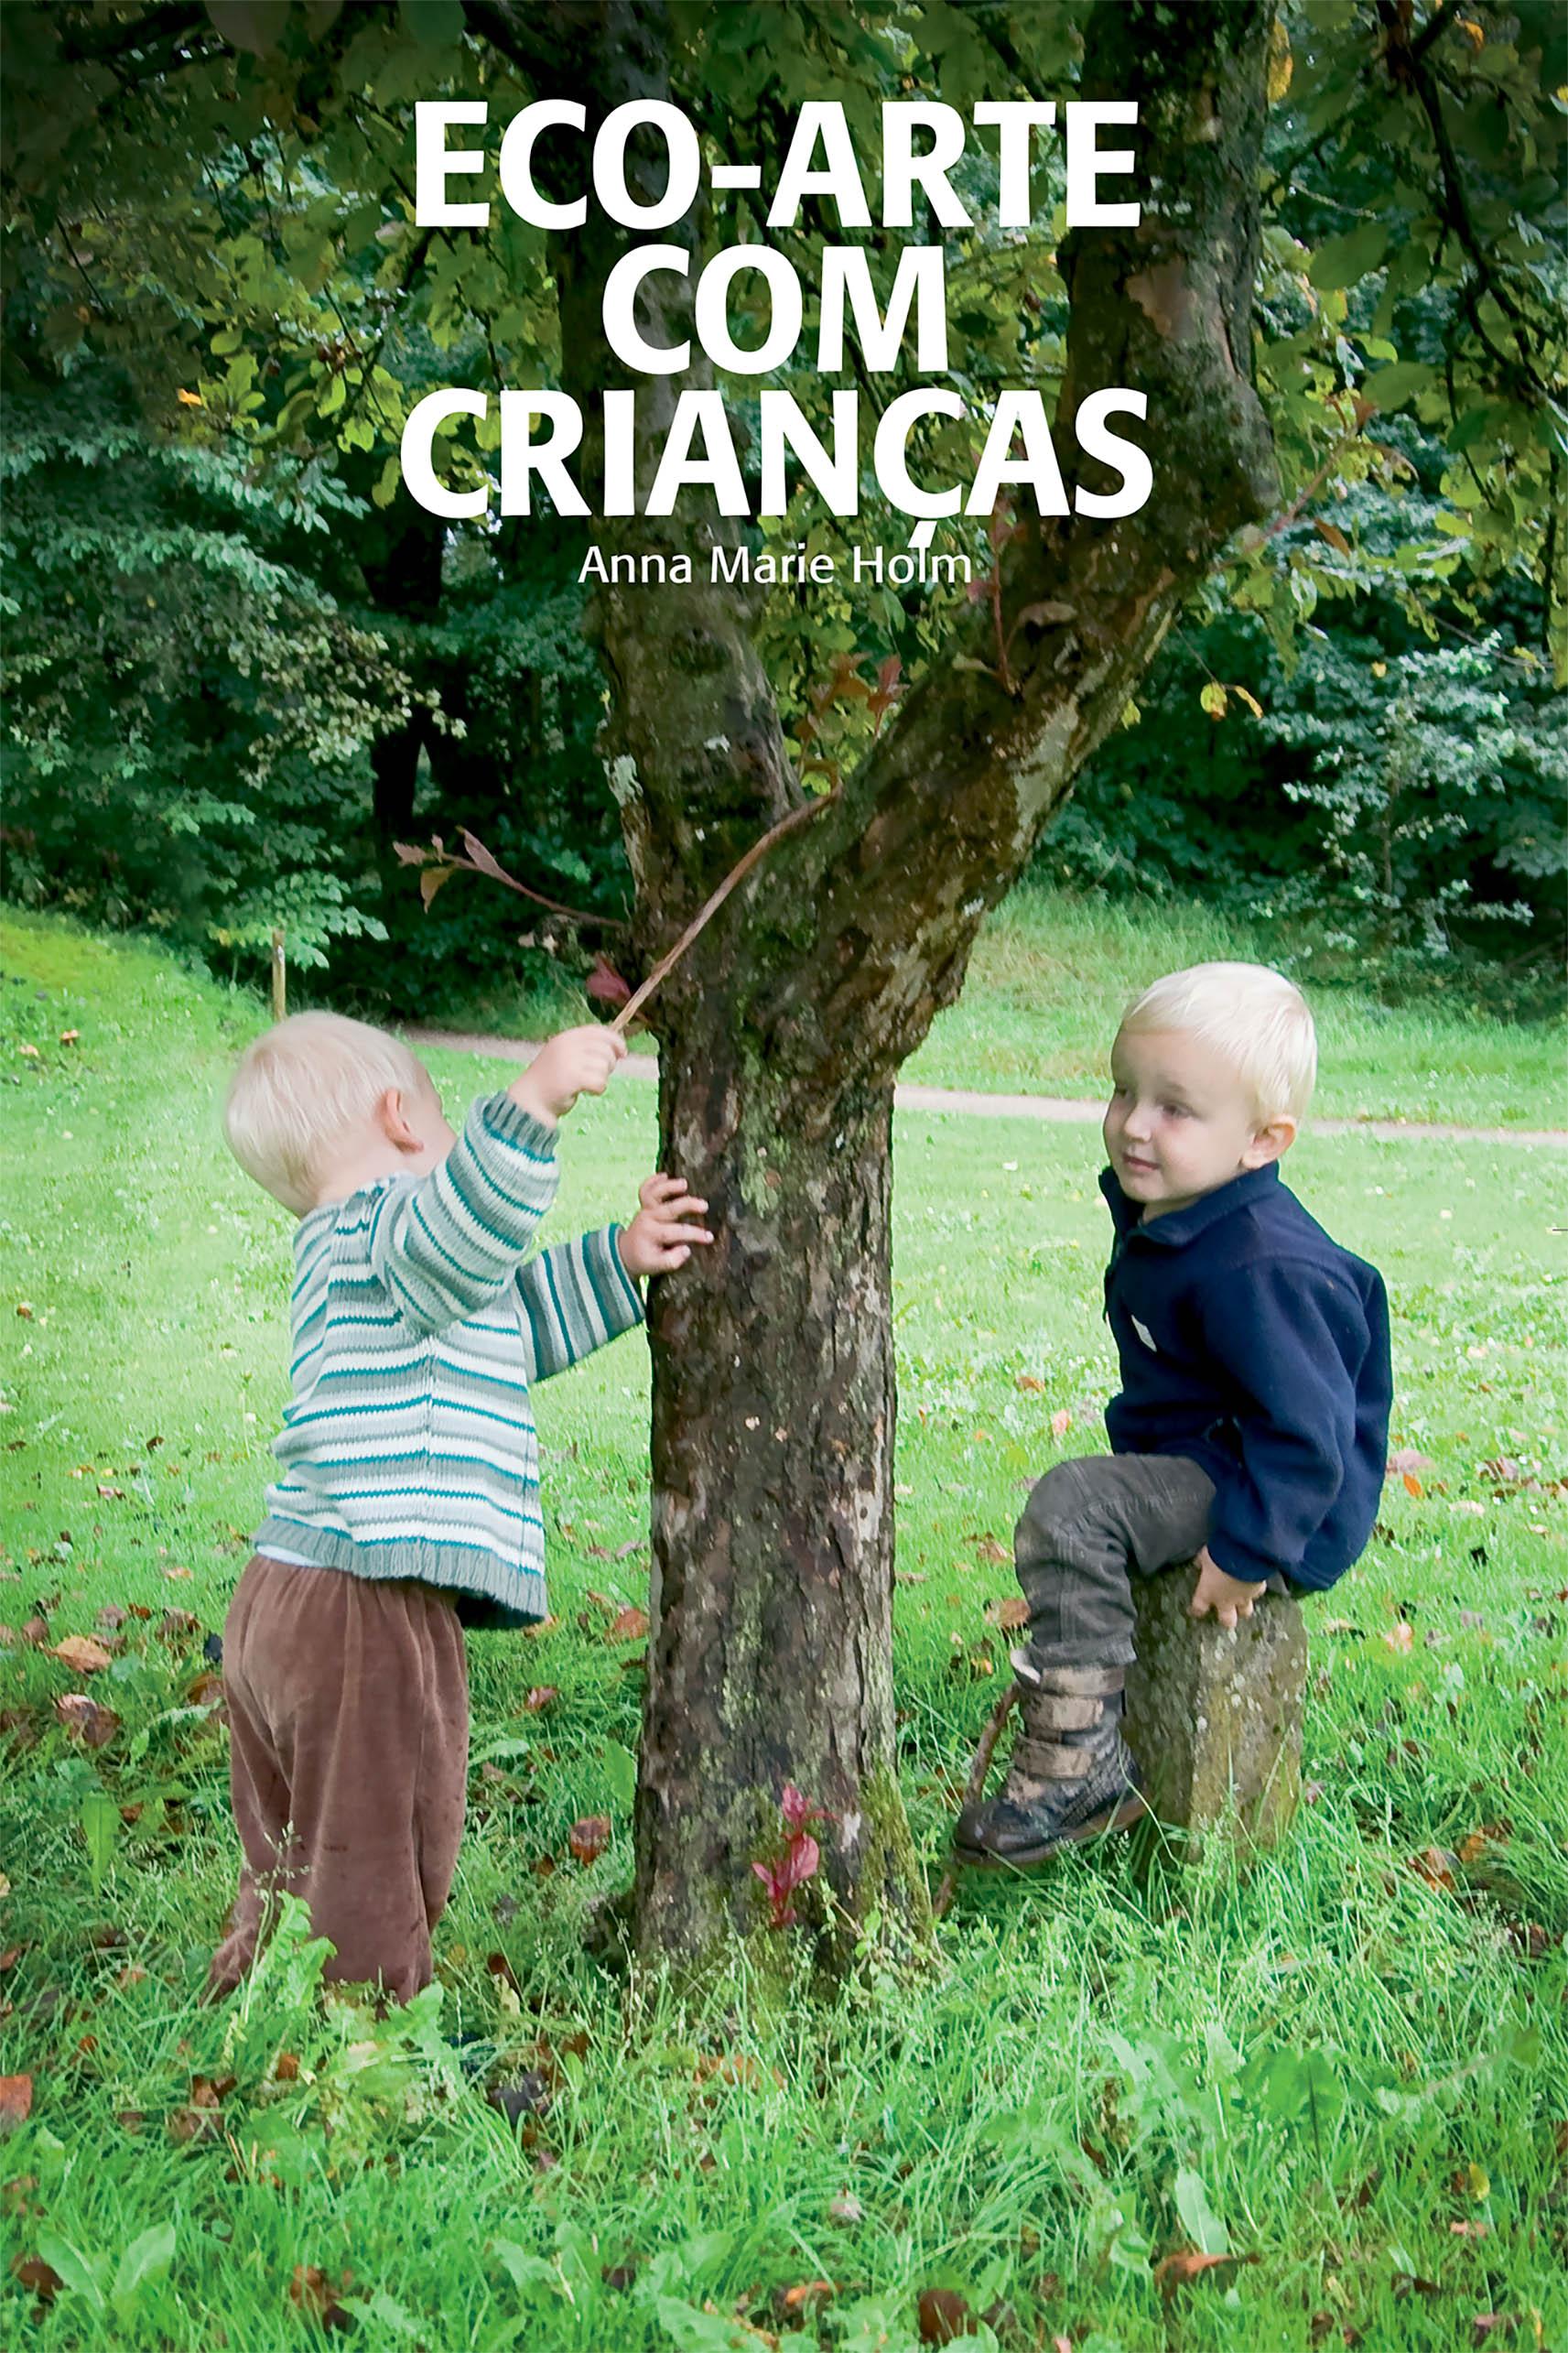 Ateliê Carambola - Livro_Eco-Arte com Crianças_OS 11054_capa.i